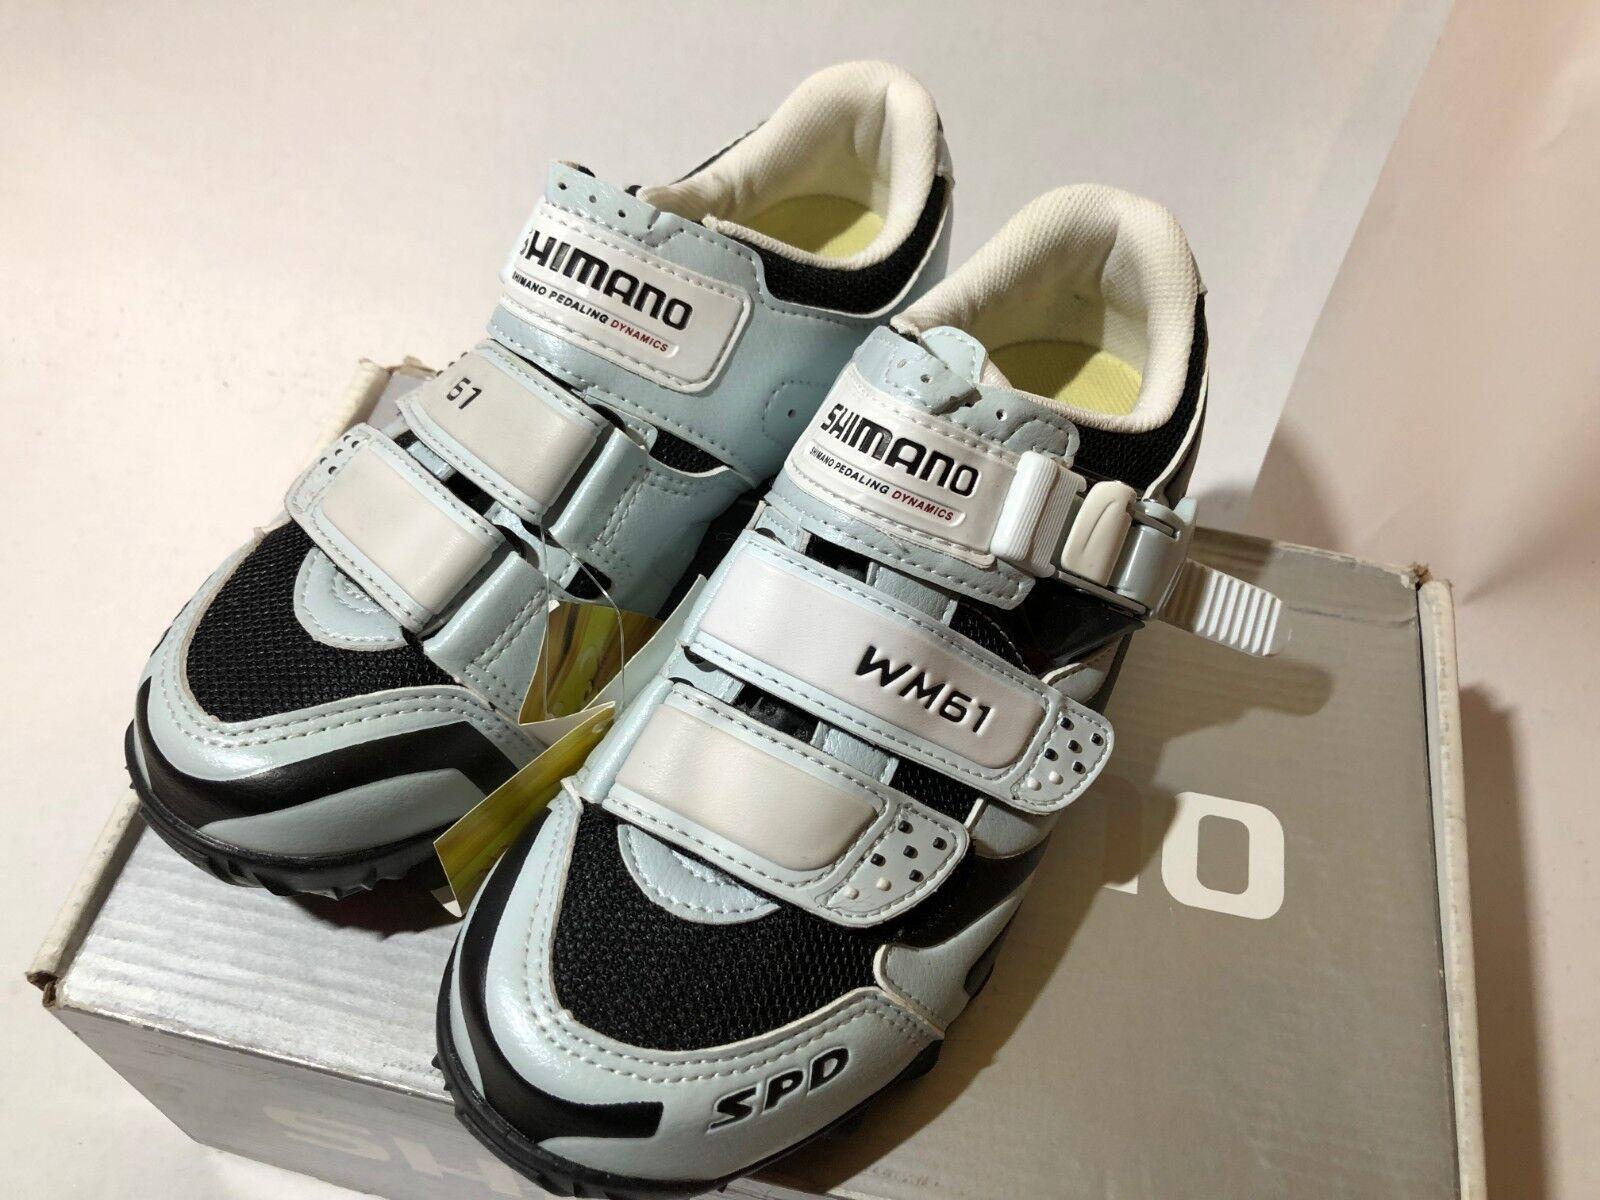 New  Shimano SH-WM61 Women's Mountain bike Cycling shoes  cheaper prices